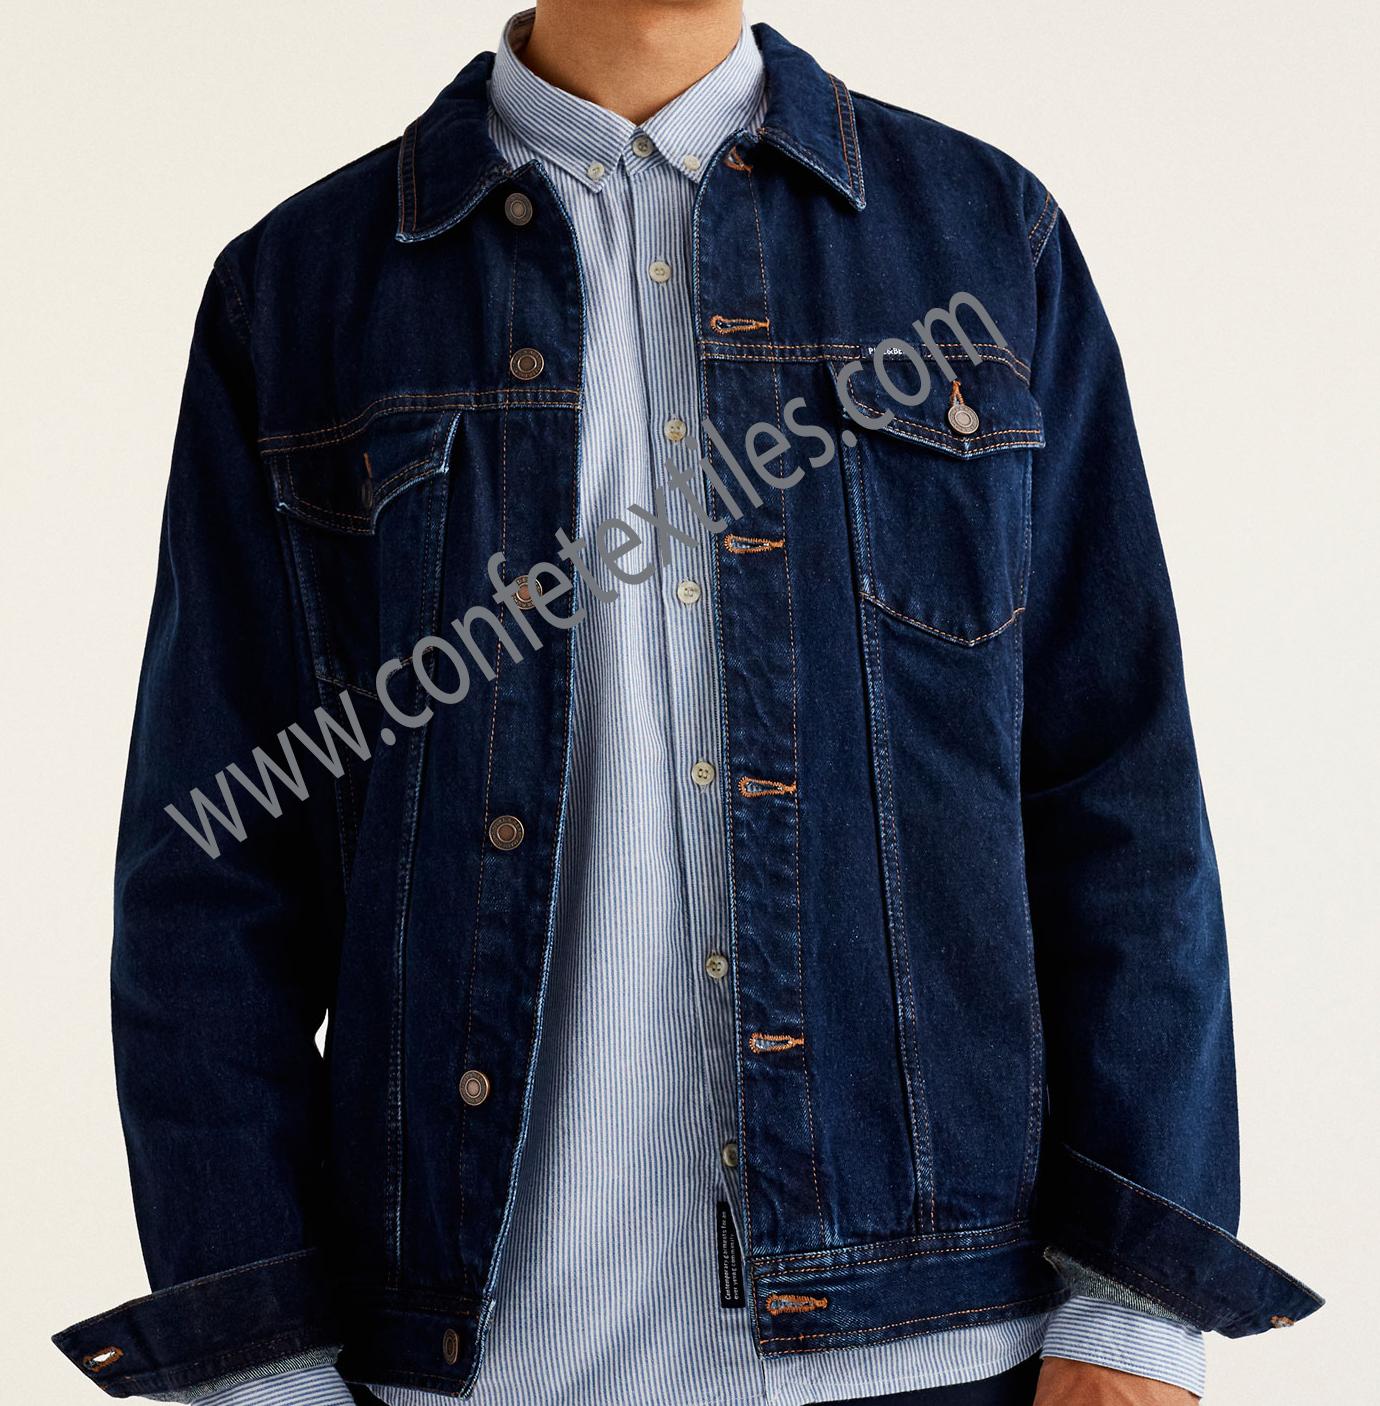 casaca de jean 14 onzas azul